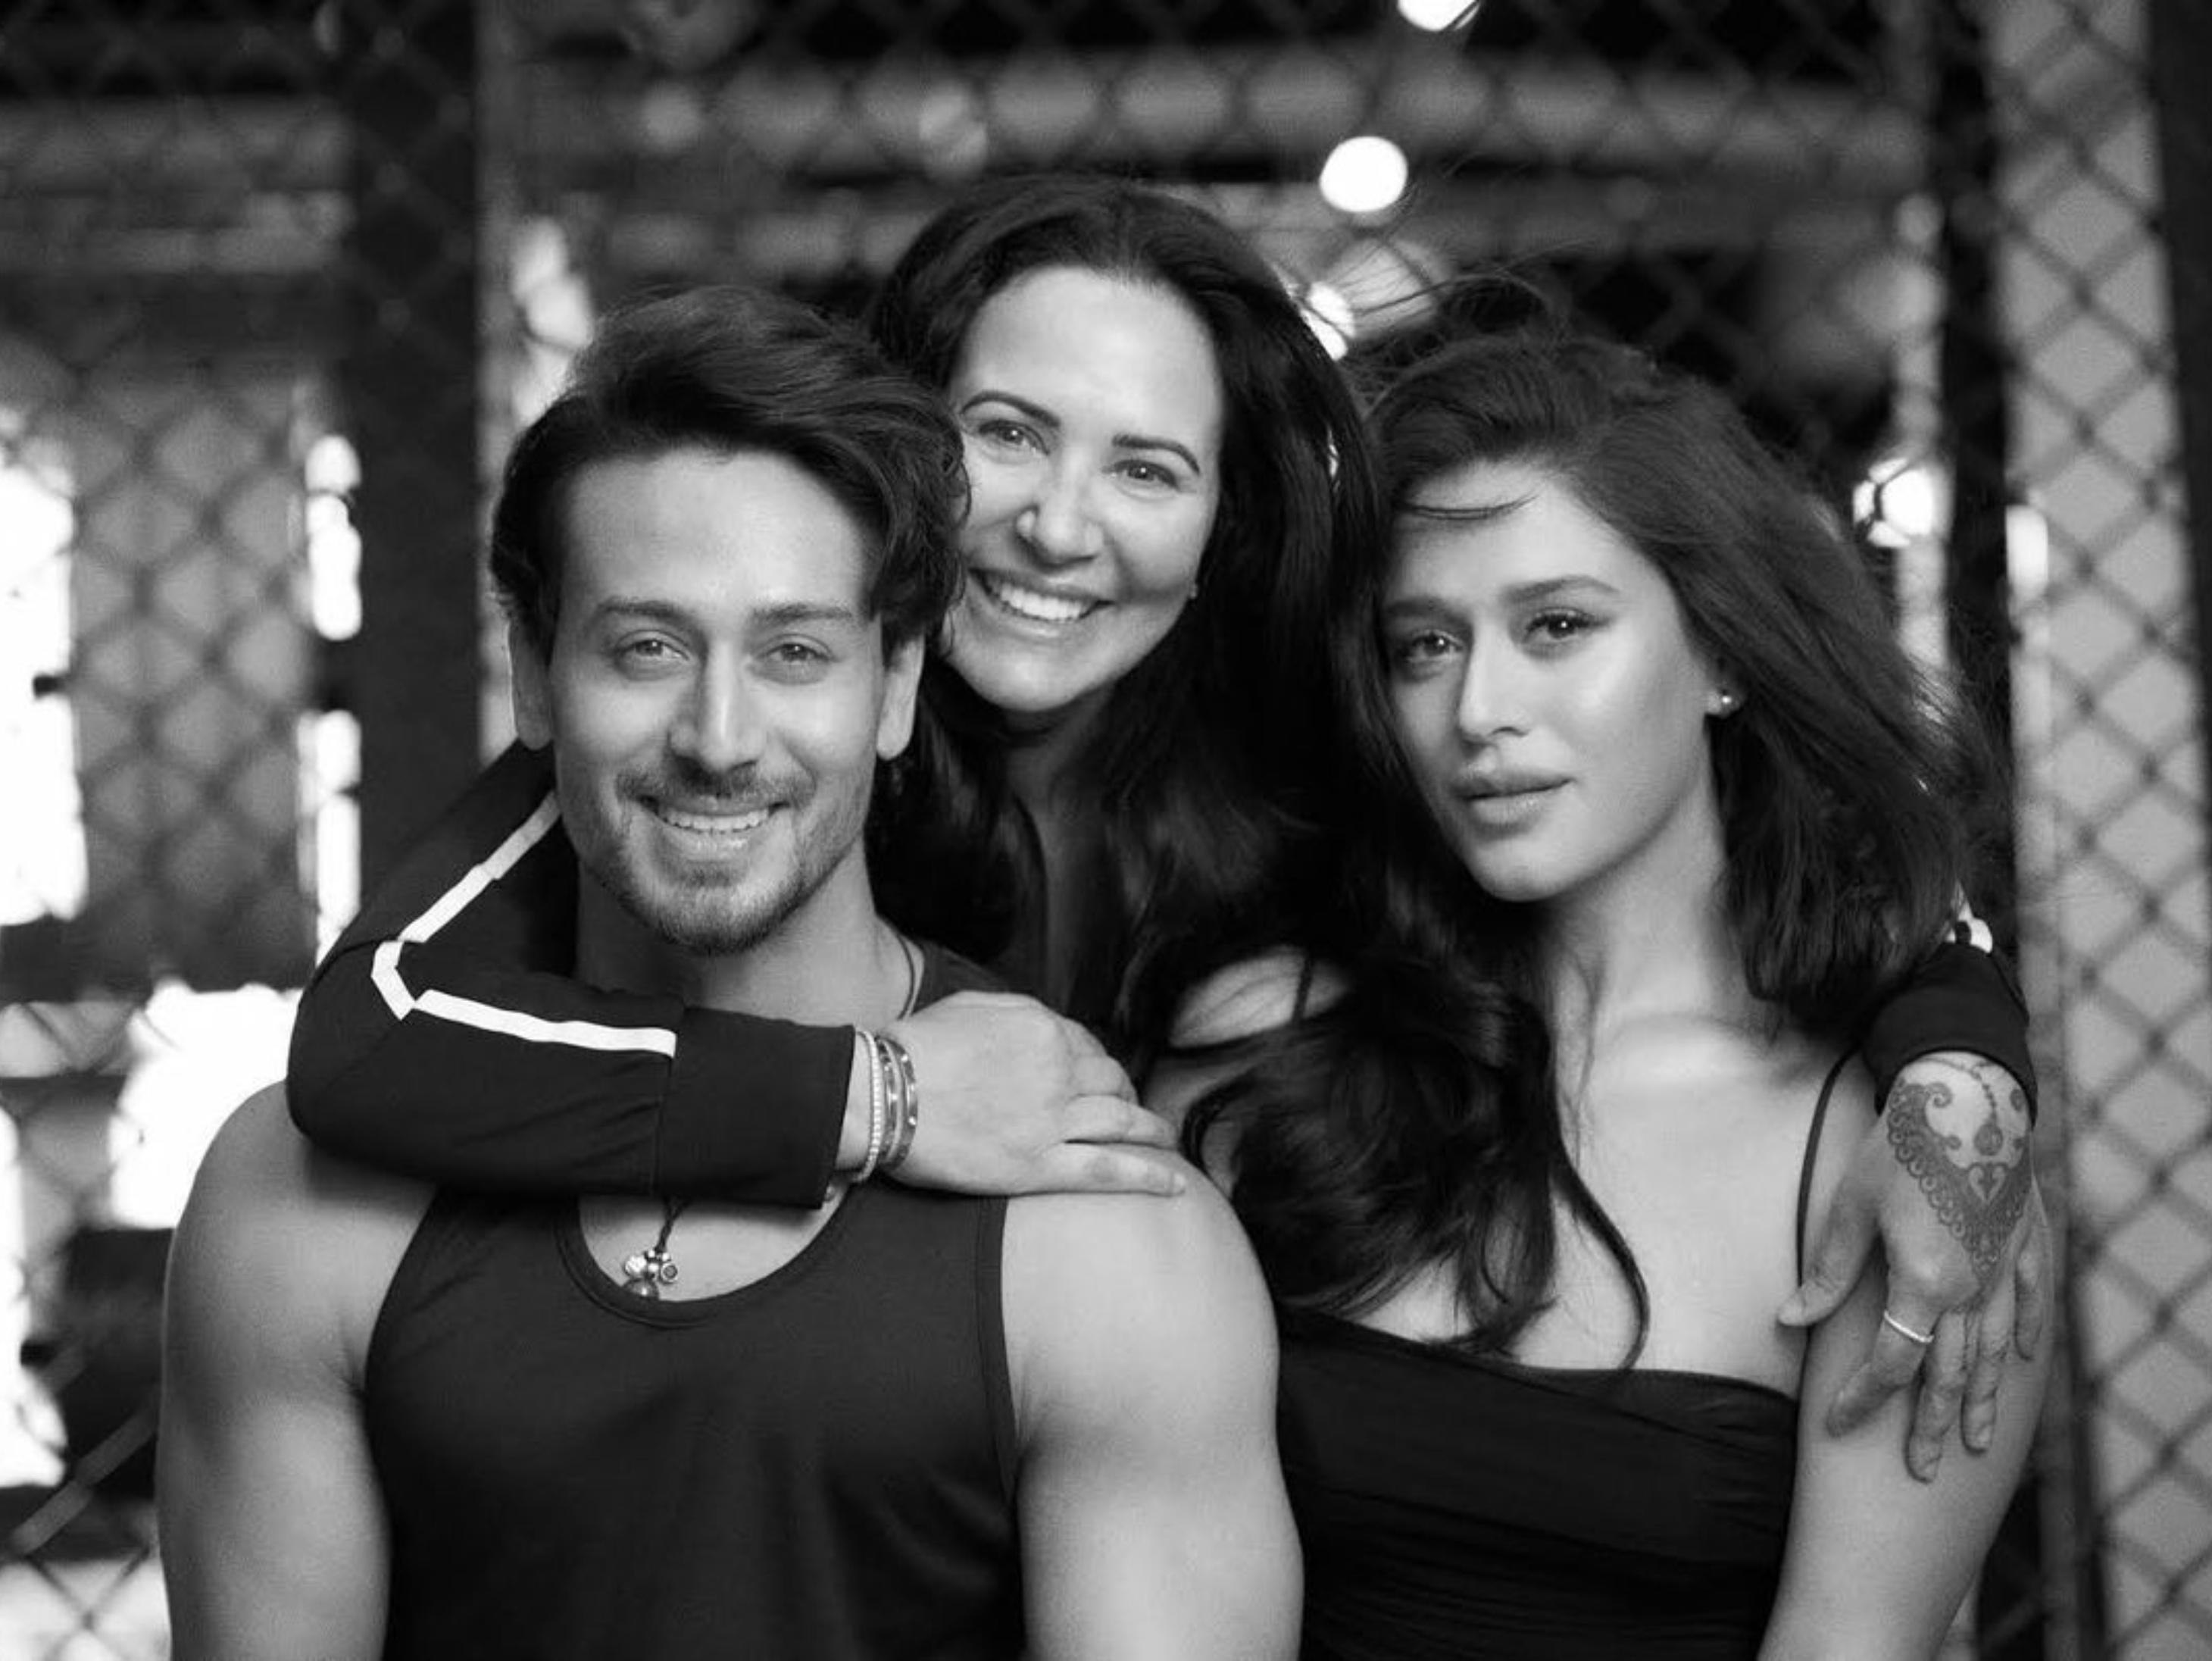 टाइगर श्रॉफ ने ख़रीदा 8 BHK फ्लैट, पंडित के कहने पर बहन कृष्णा ने सबसे पहले किया गृह प्रवेश बॉलीवुड,Bollywood - Dainik Bhaskar